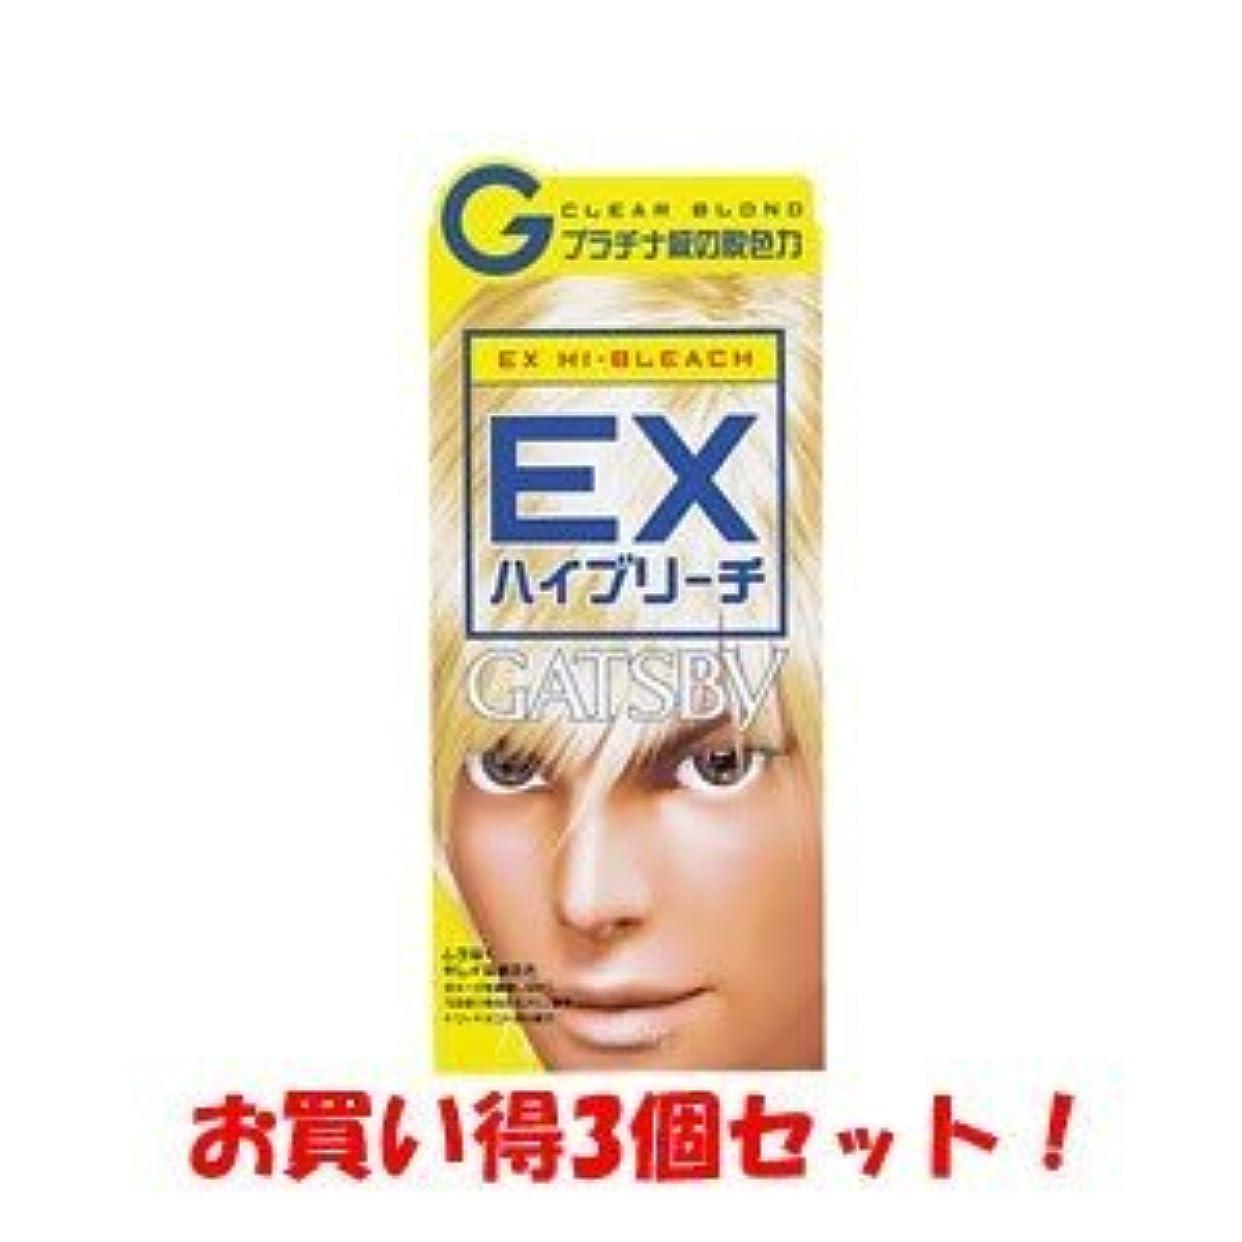 ディレクトリ期間呼吸ギャツビー【GATSBY】EXハイブリーチ(医薬部外品)(お買い得3個セット)